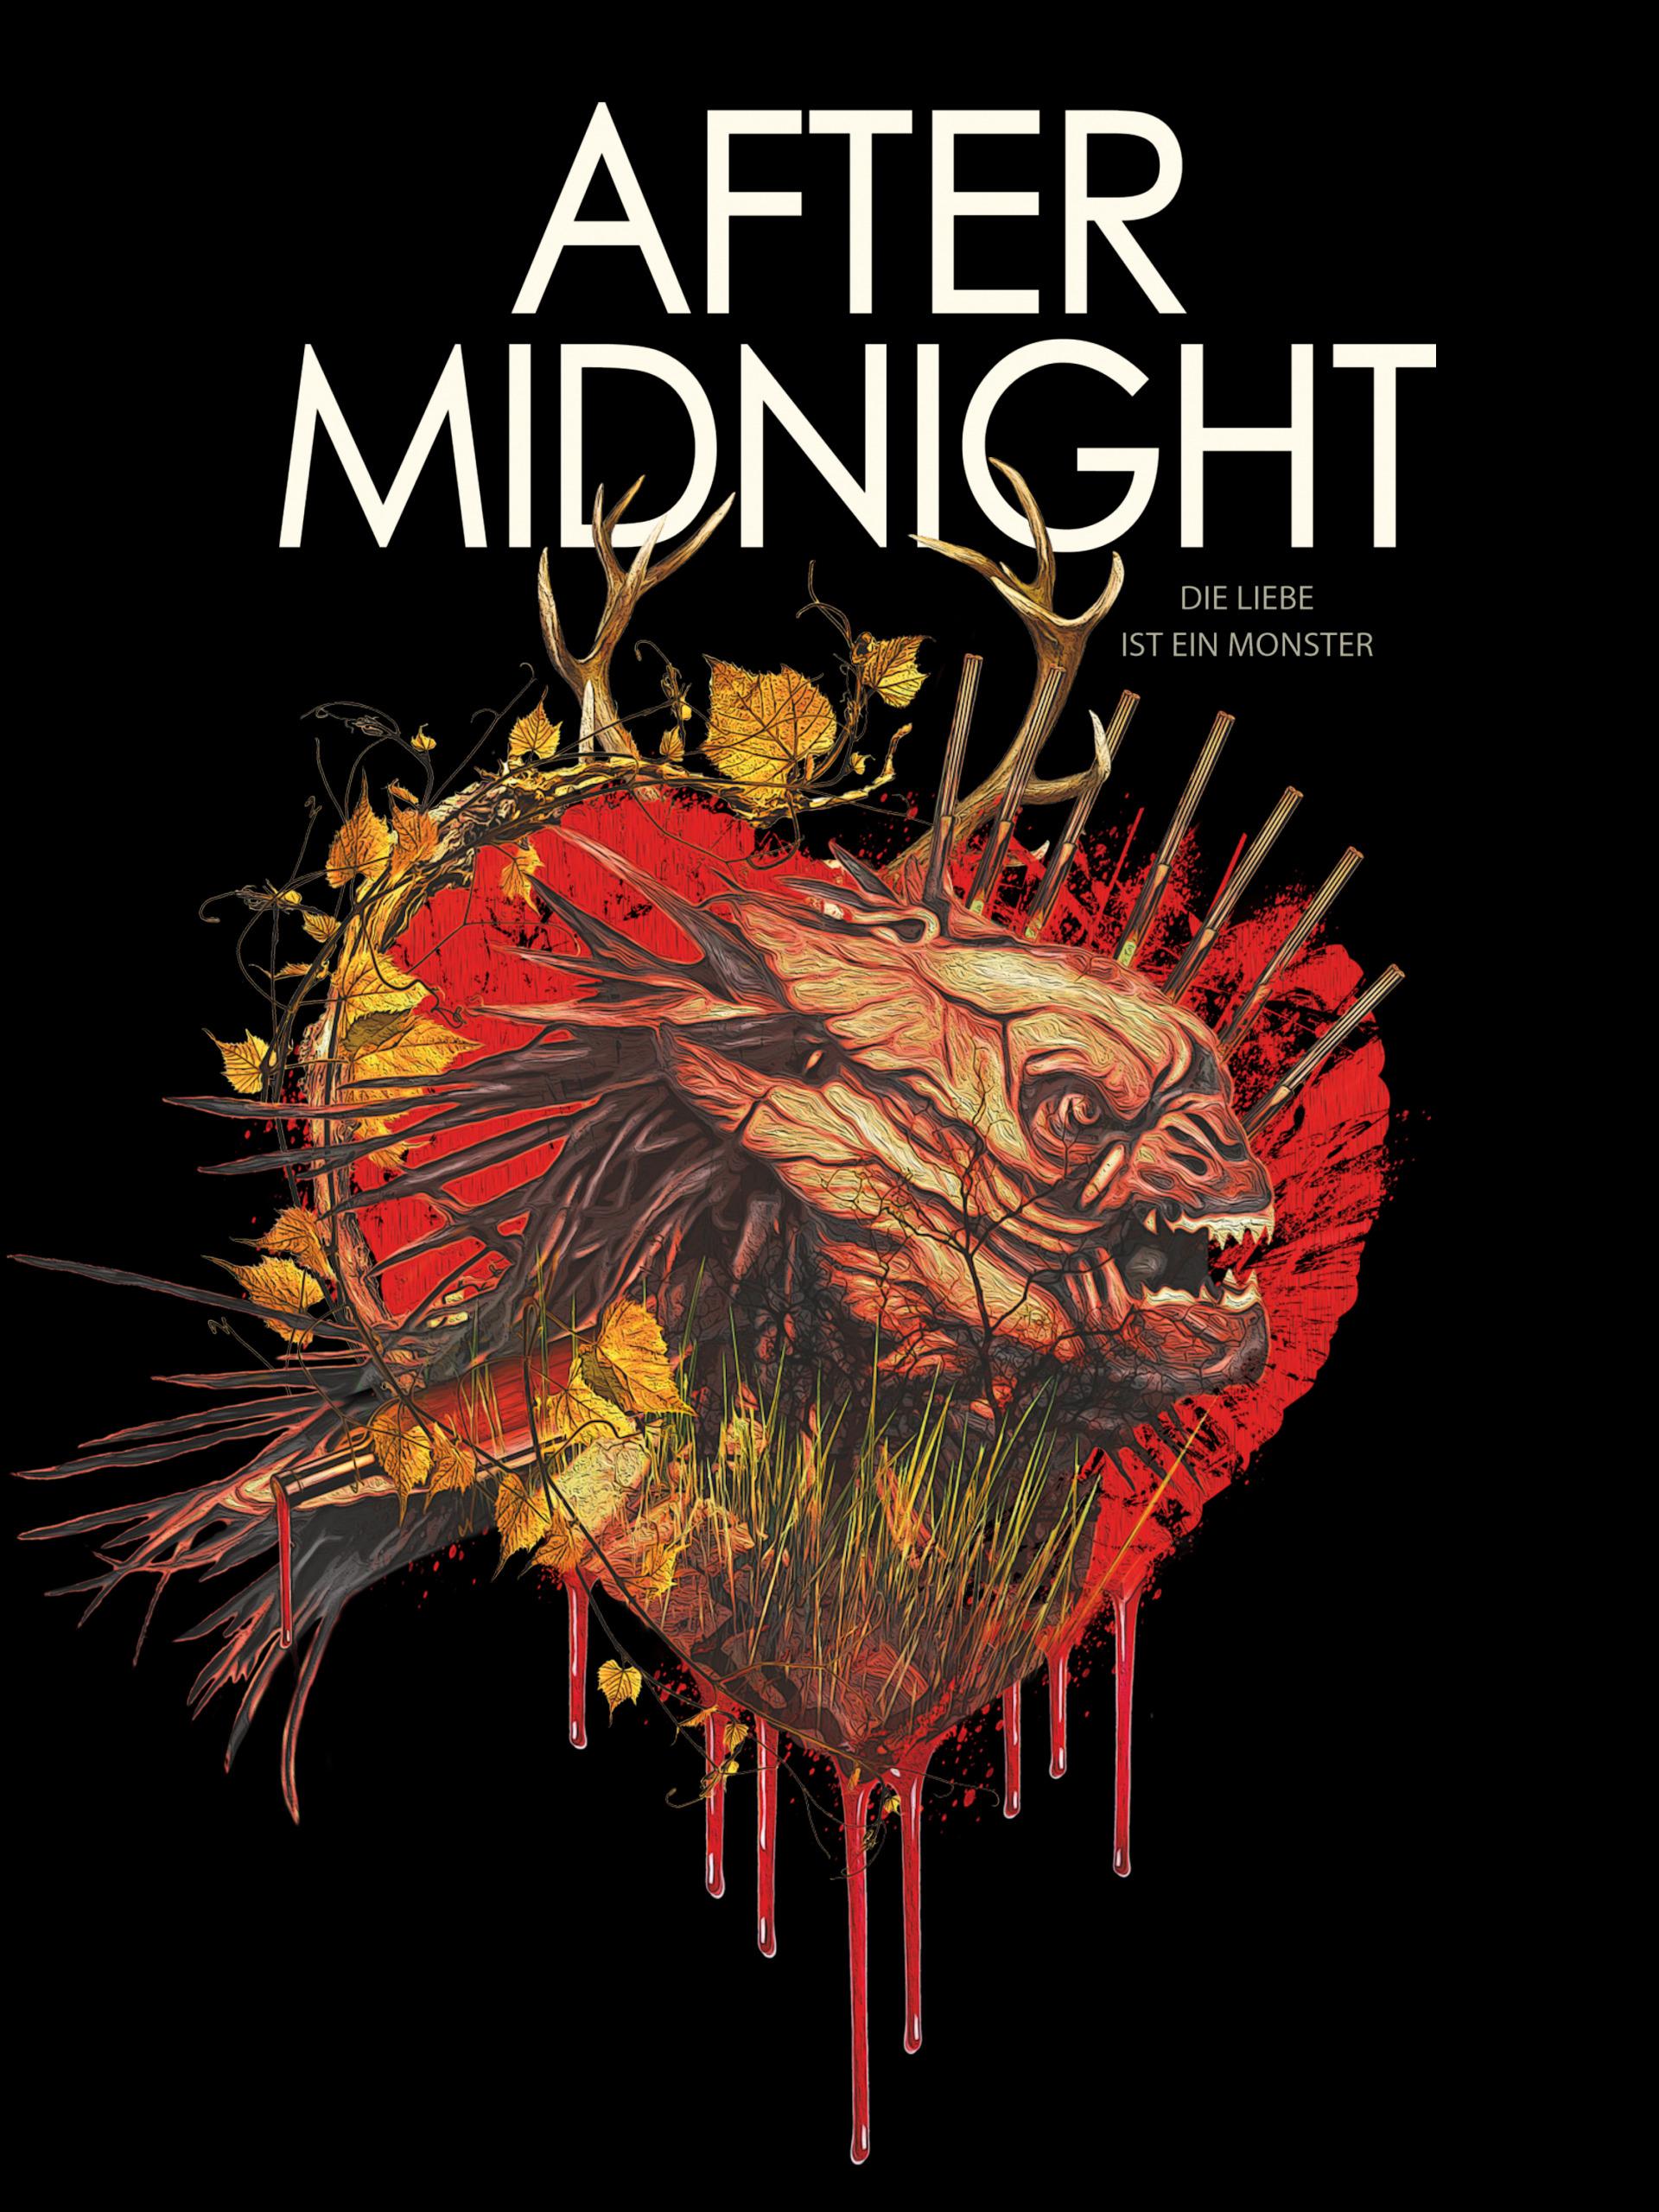 After Midnight: Die Liebe ist ein Monster